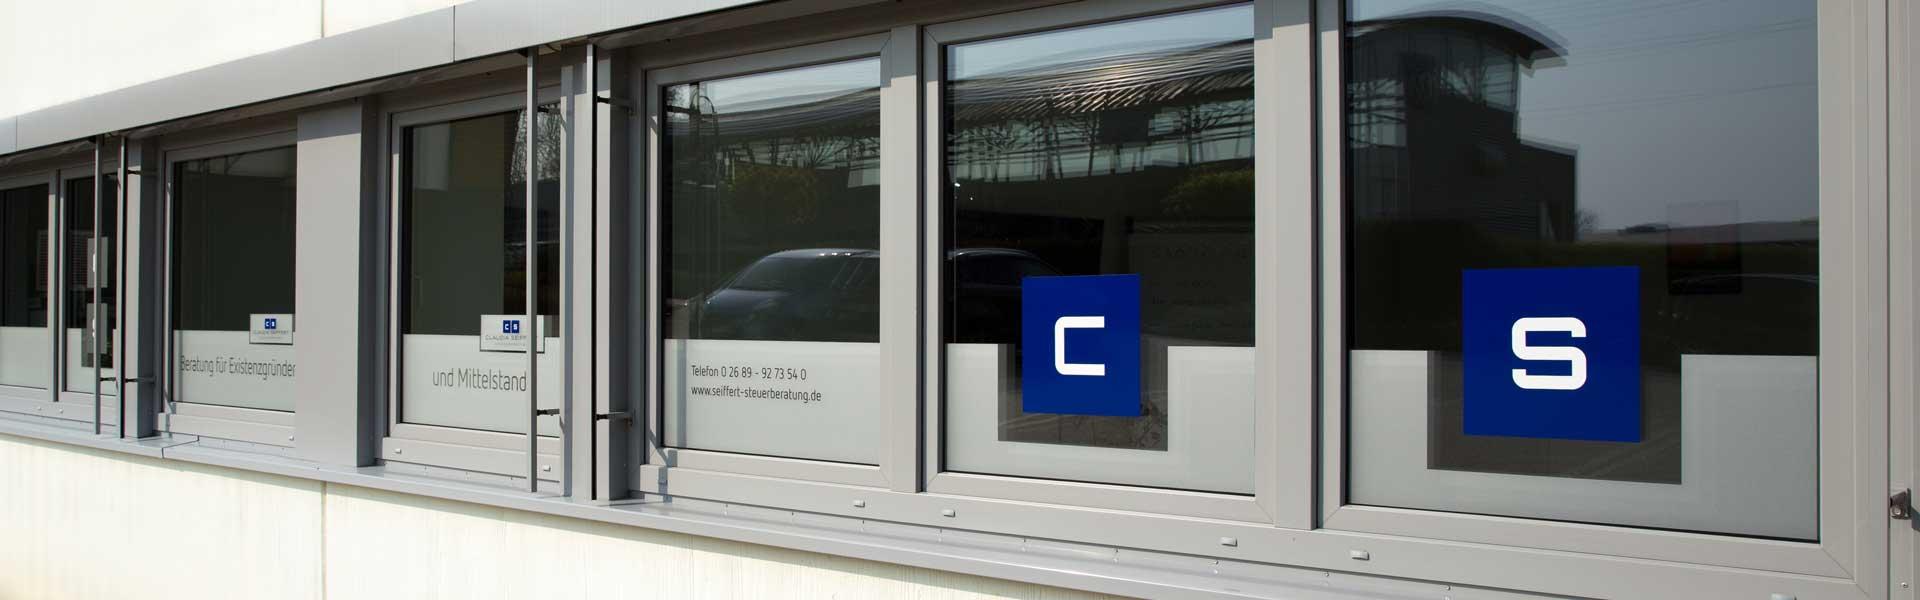 Die Fensterfront des Steuerberatungsbüros Claudia Seiffert in Dierdorf